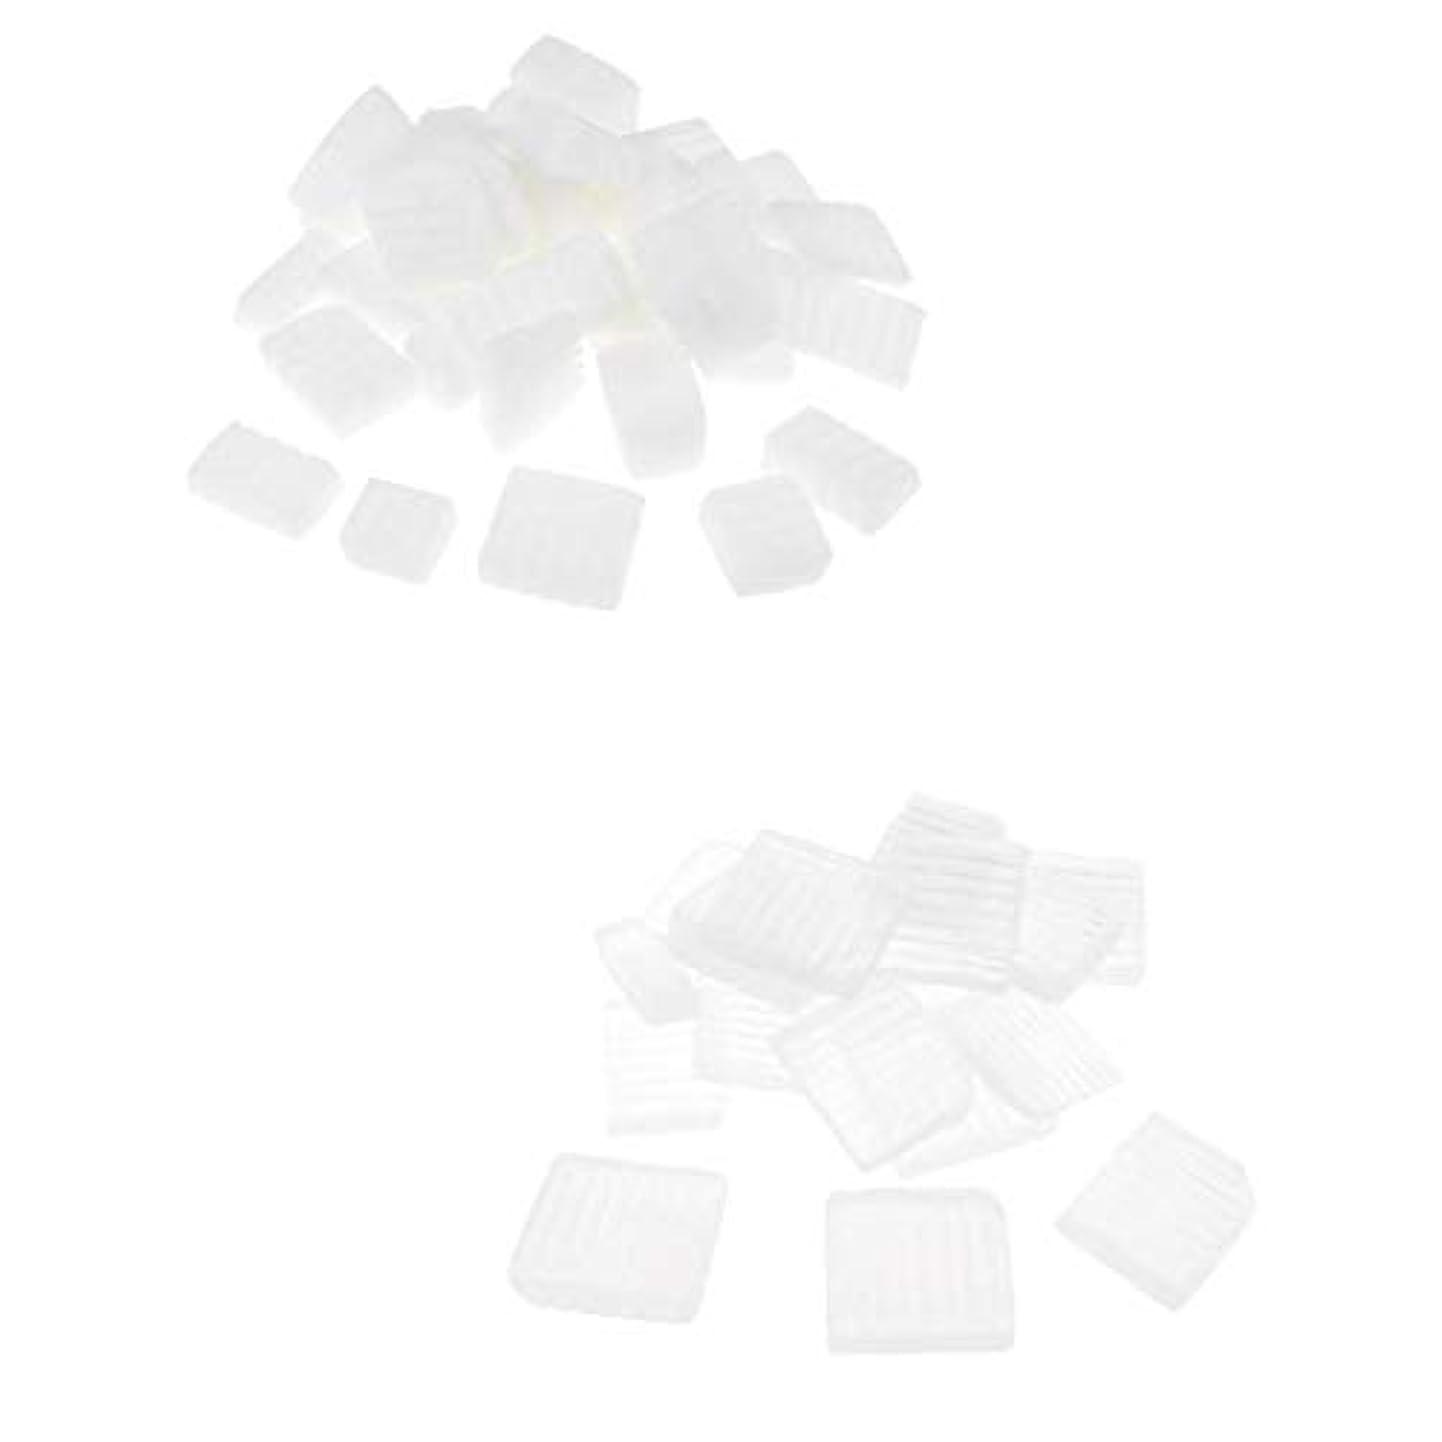 強います召集する強要Perfeclan 固形せっけん ホワイト透明 手芸 バス用品 手作り ハンドメイド 石鹸製造 安全健康 2種混合